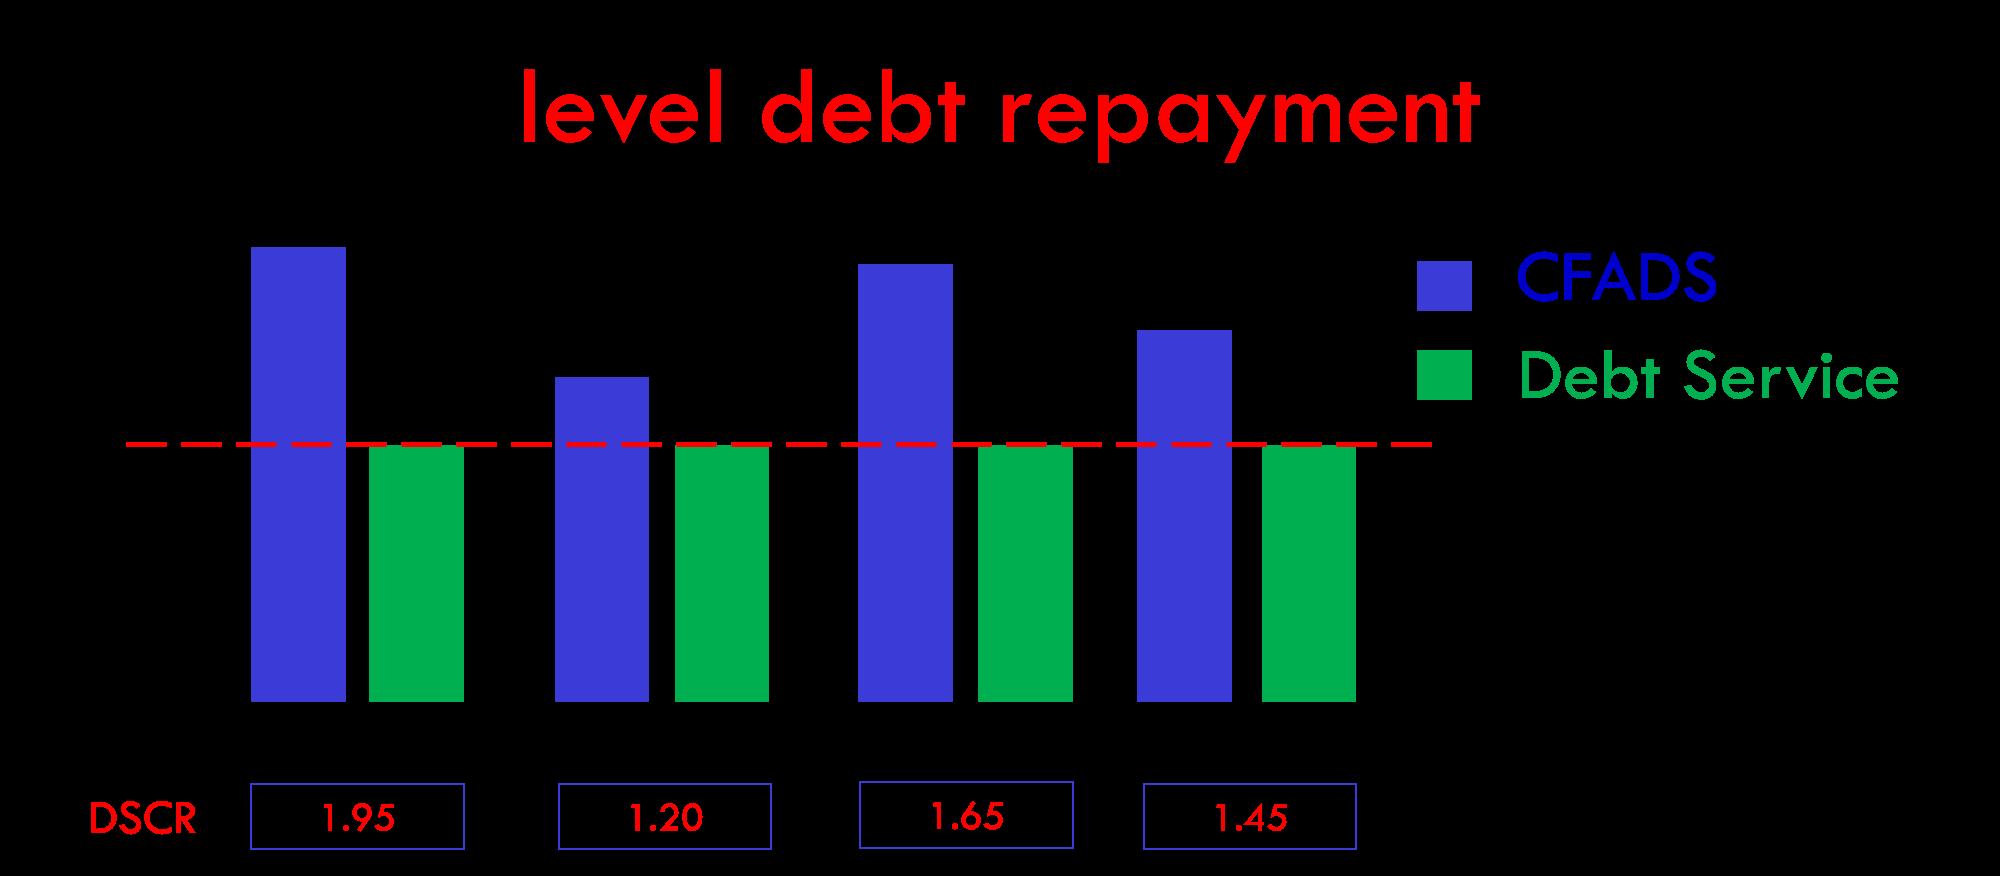 Level debt repayment